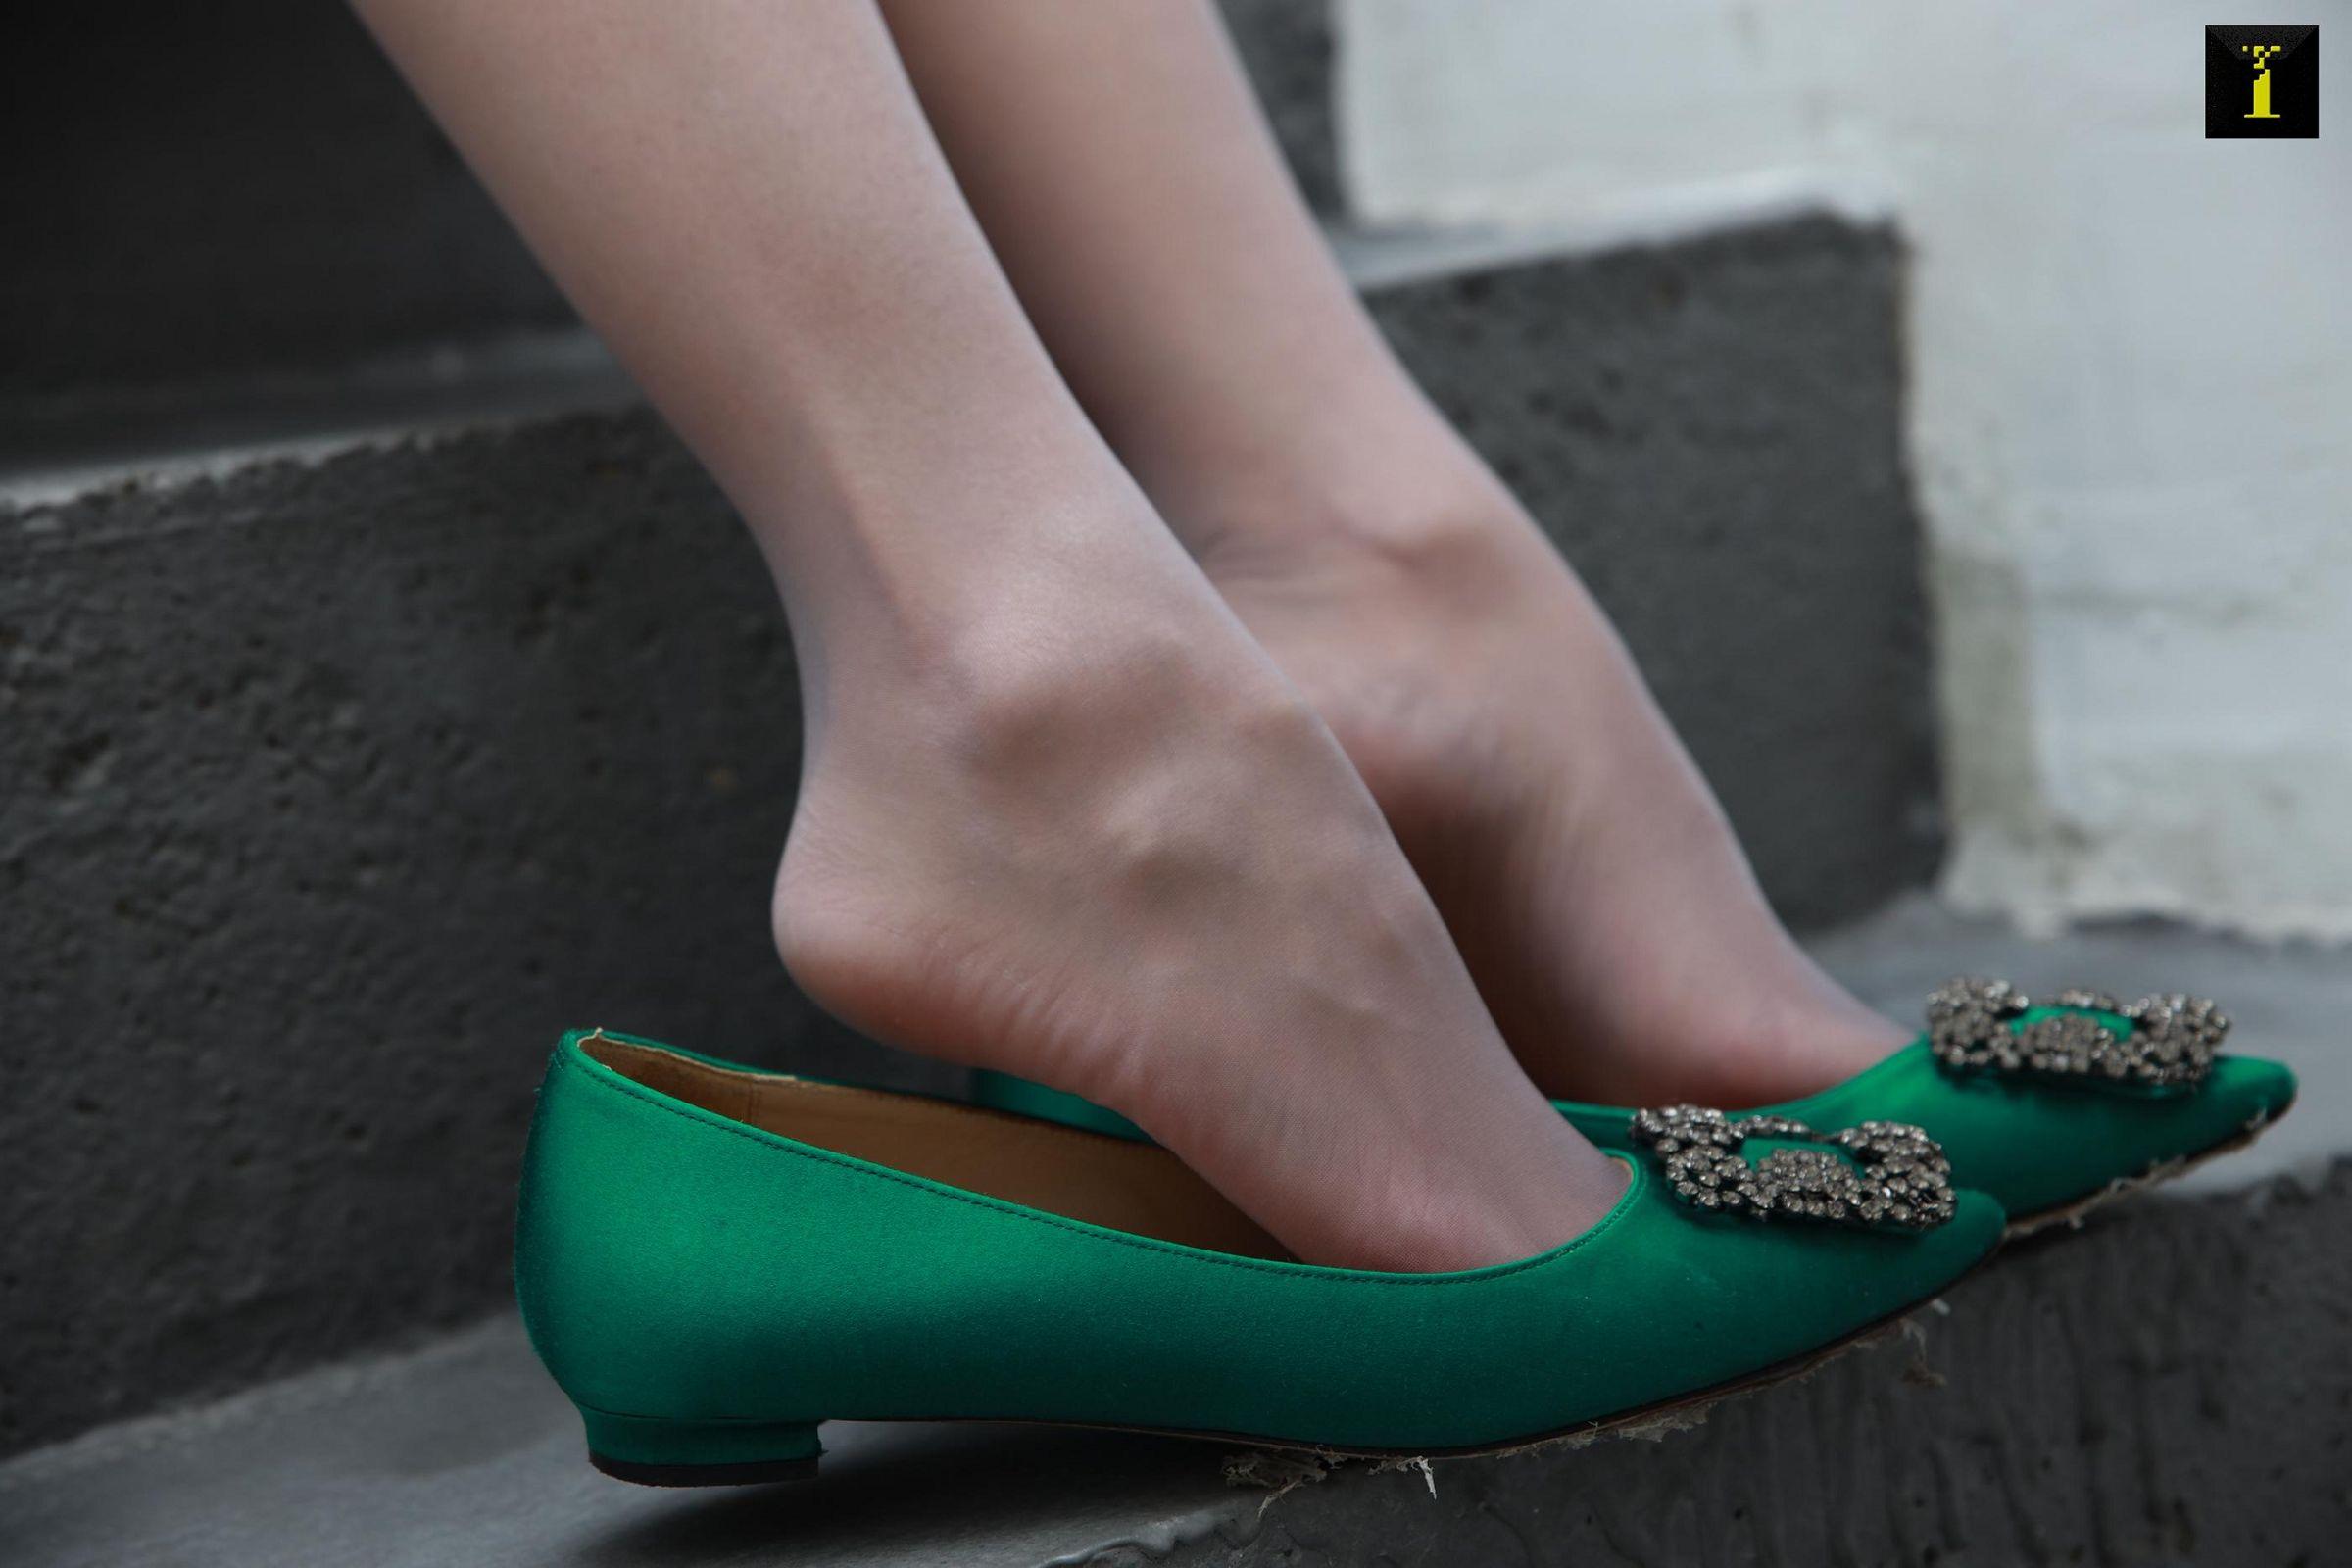 [IESS异思趣向] 2019.12.08 丝享家639:婉萍的绿色平底鞋[90P] 异思趣向 第2张